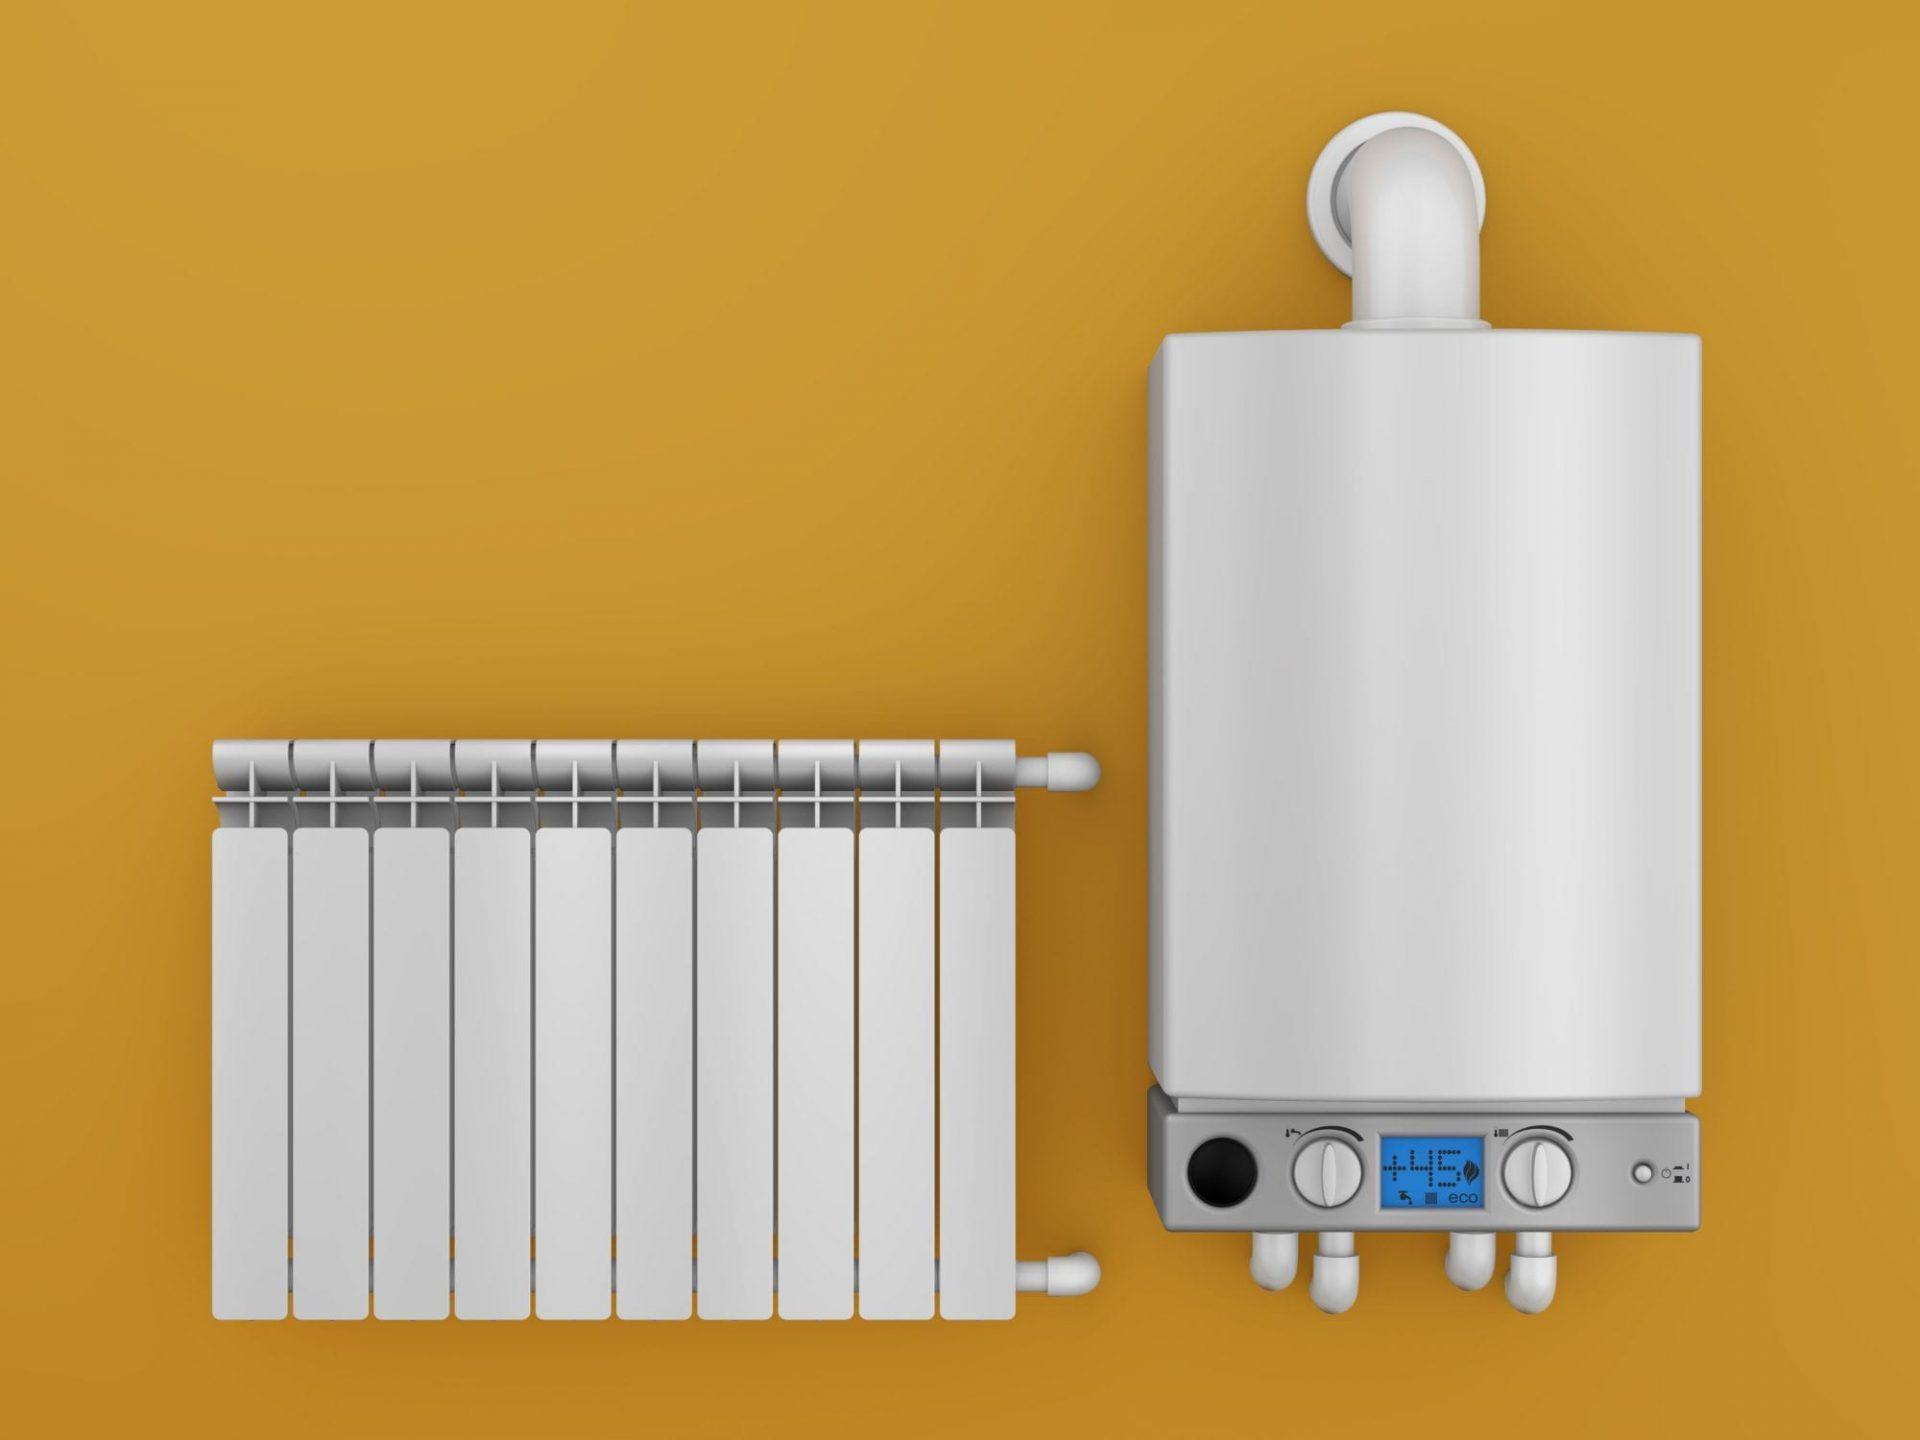 Caldaia A Condensazione Svantaggi normativa caldaie 2019: controllo fumi caldaia e obblighi